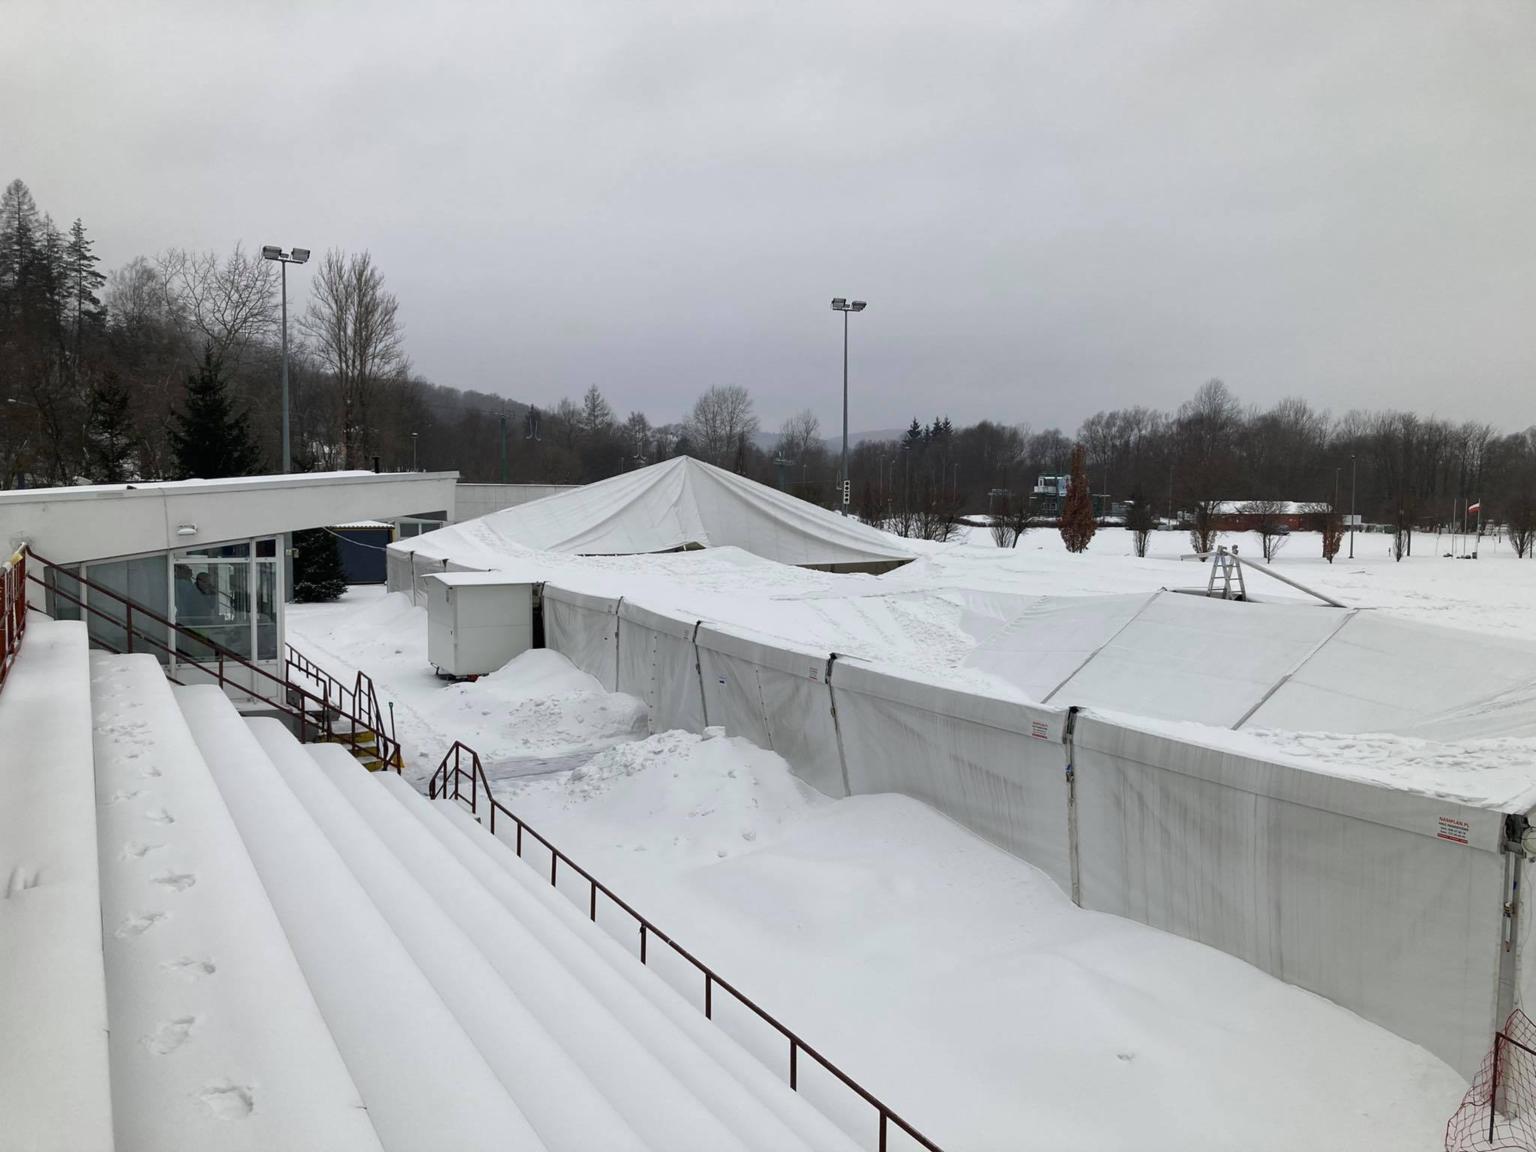 """Zima atakuje: dach lodowiska """"złożył się"""" pod ciężarem śniegu! - Zdjęcie główne"""